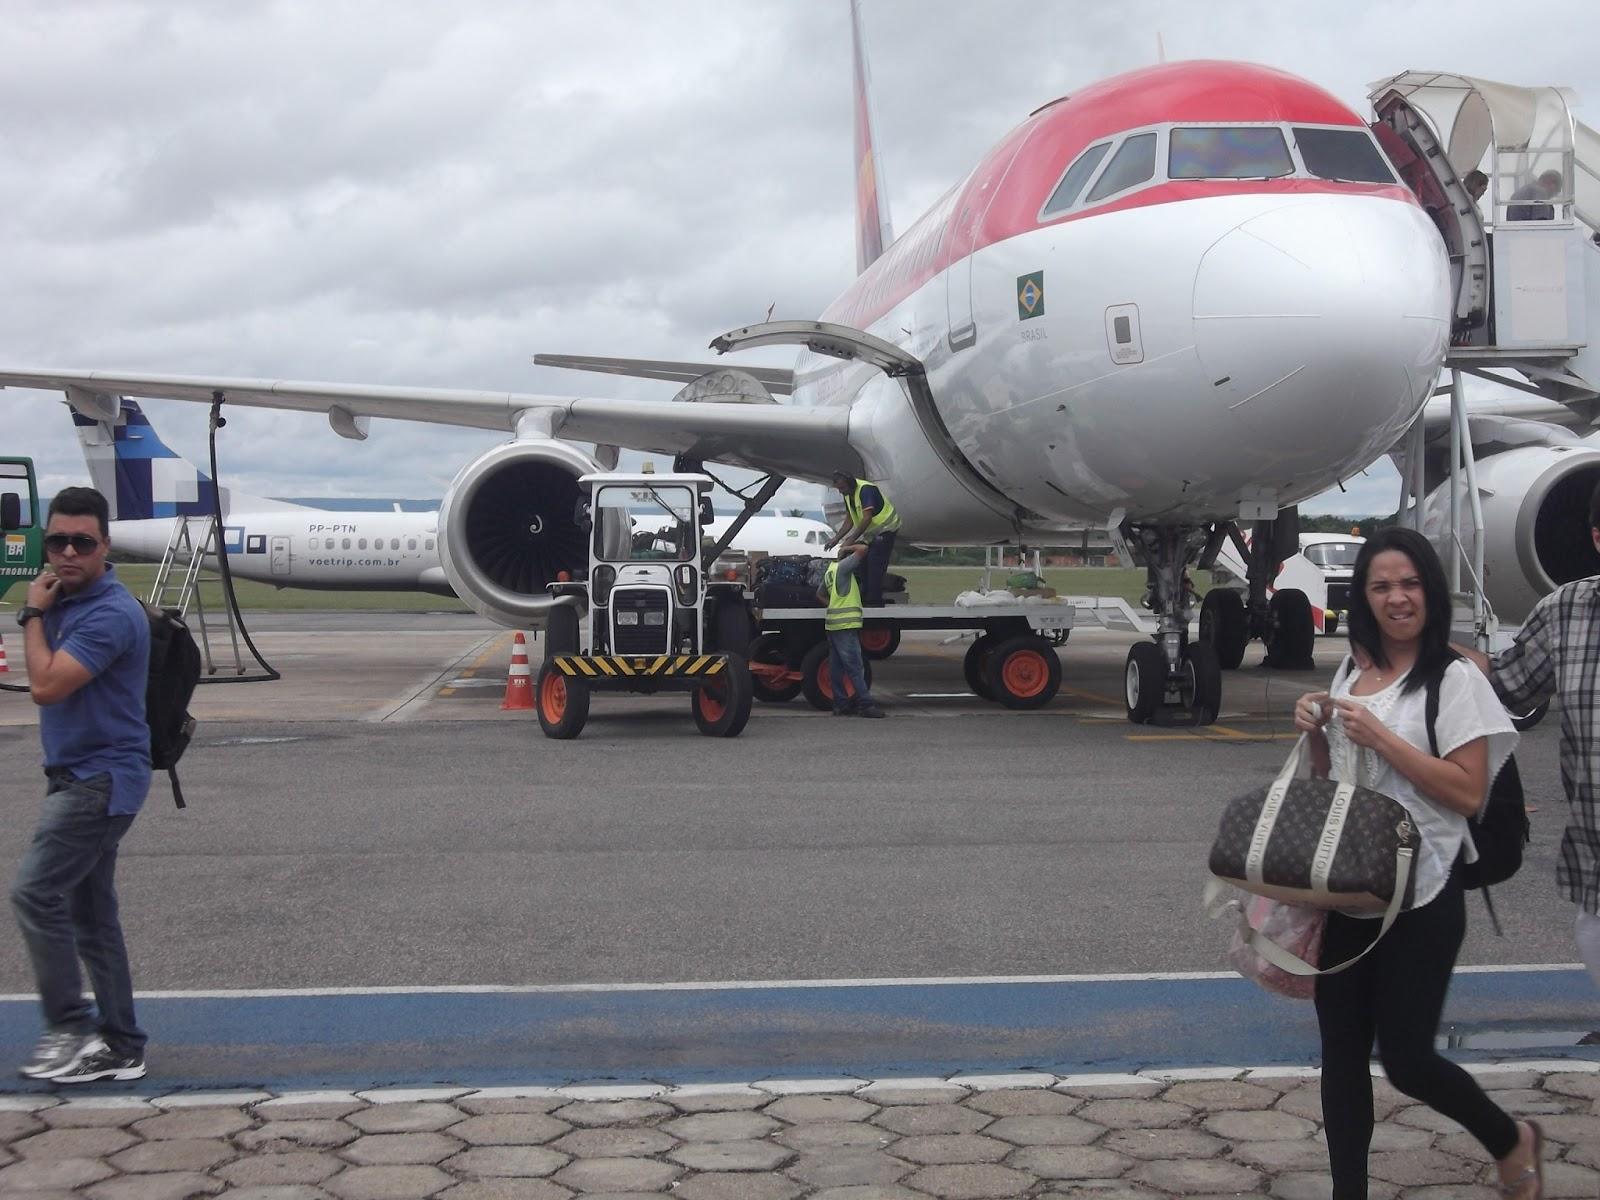 Resultado de imagem para JUAZEIRO DO NORTE-AEROPORTO